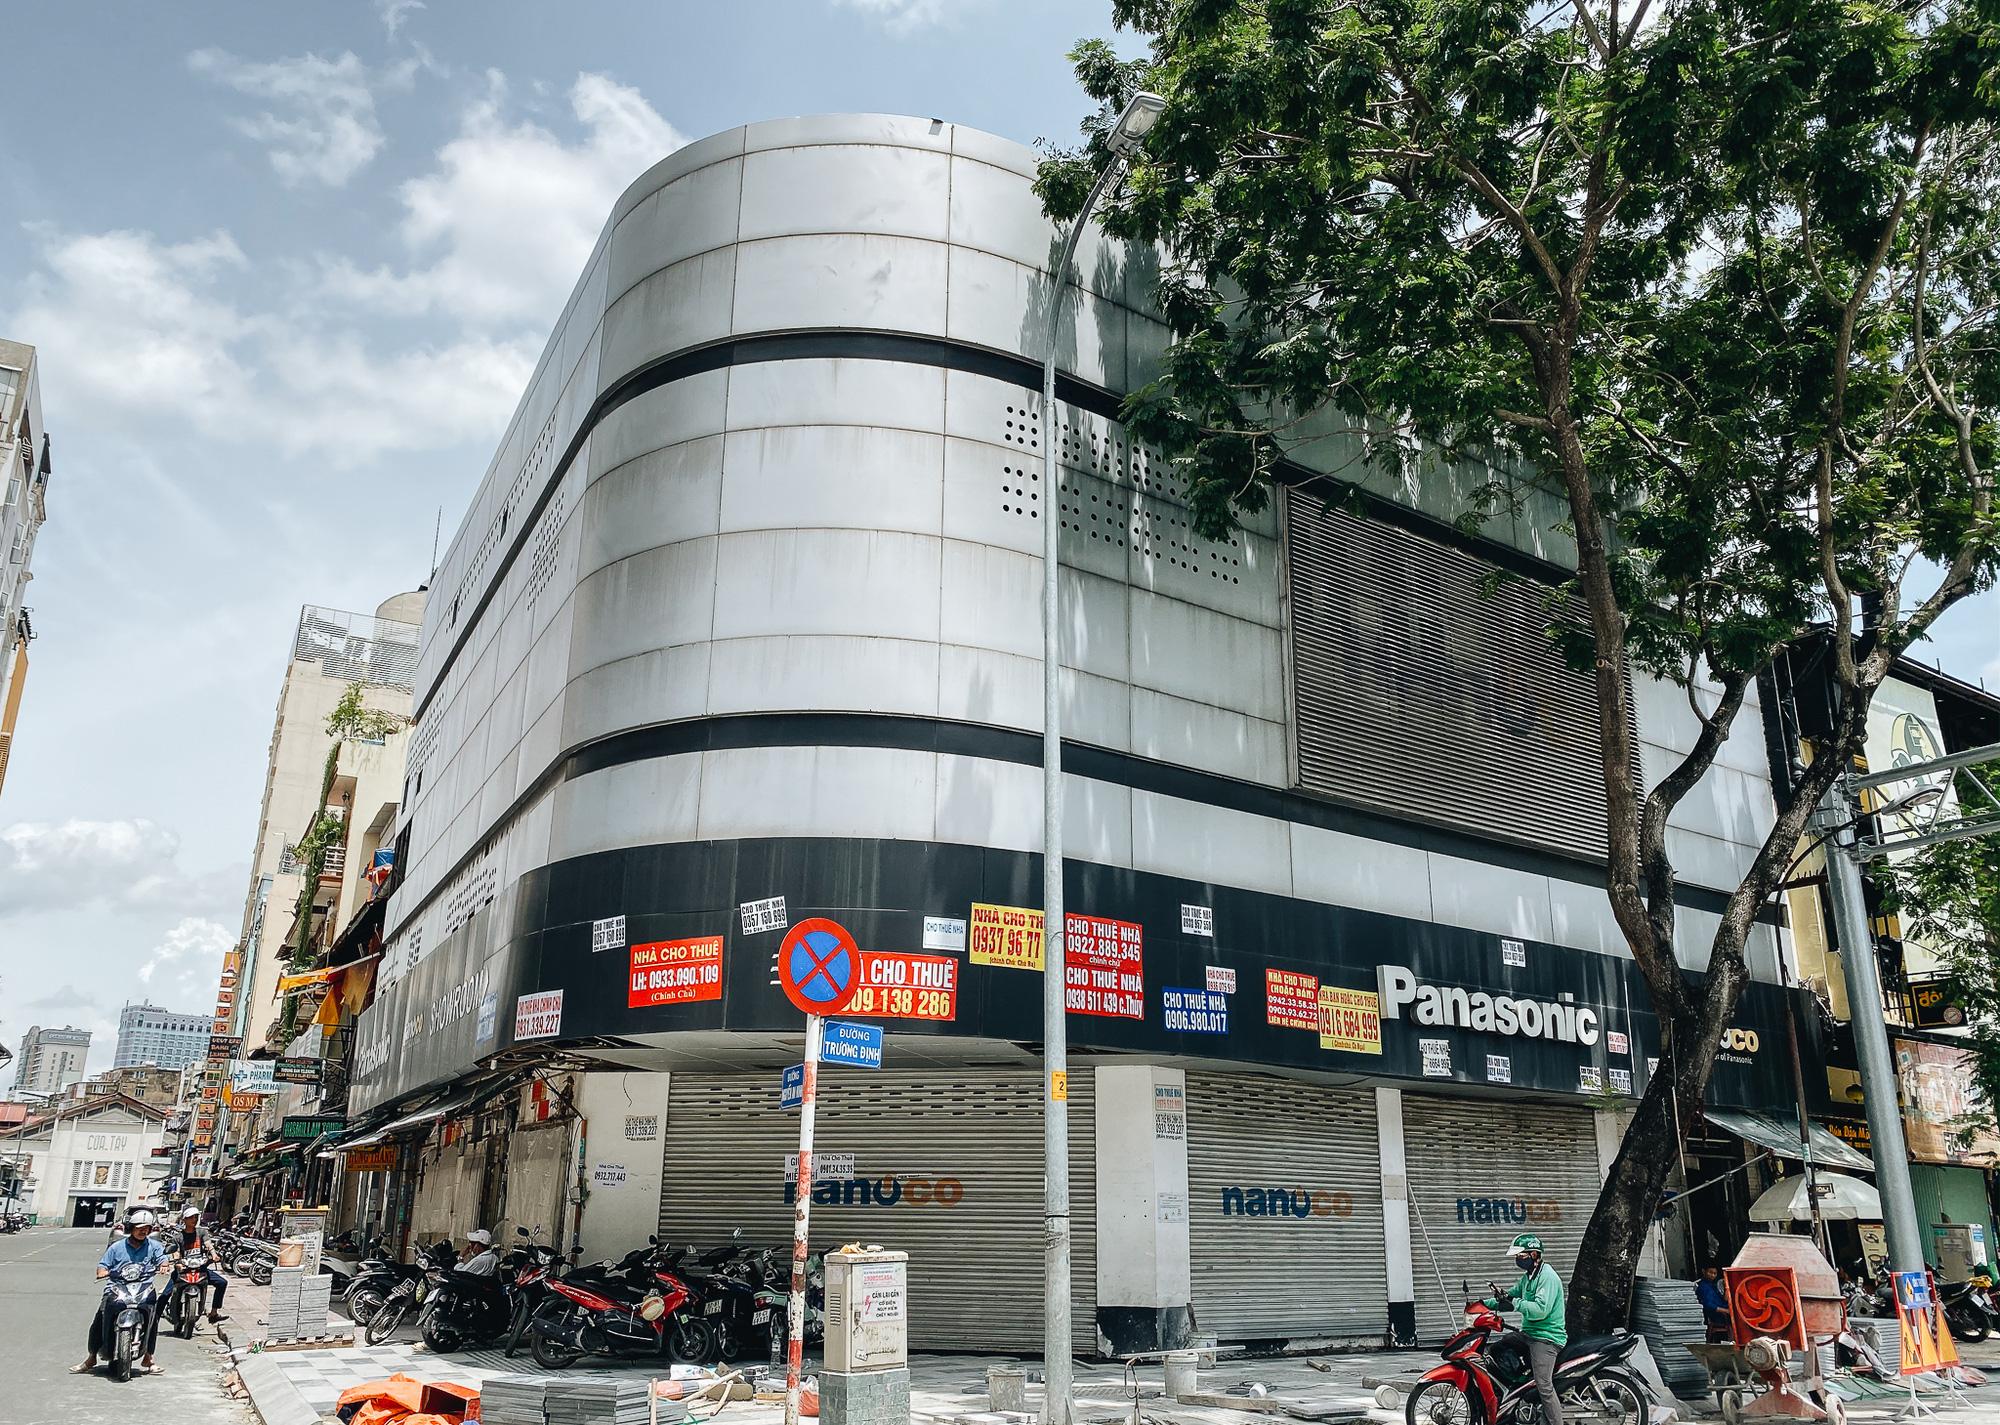 Chùm ảnh: Khách sạn ở trung tâm Sài Gòn ngừng hoạt động, rao bán vì ngấm đòn Covid-19 - Ảnh 1.